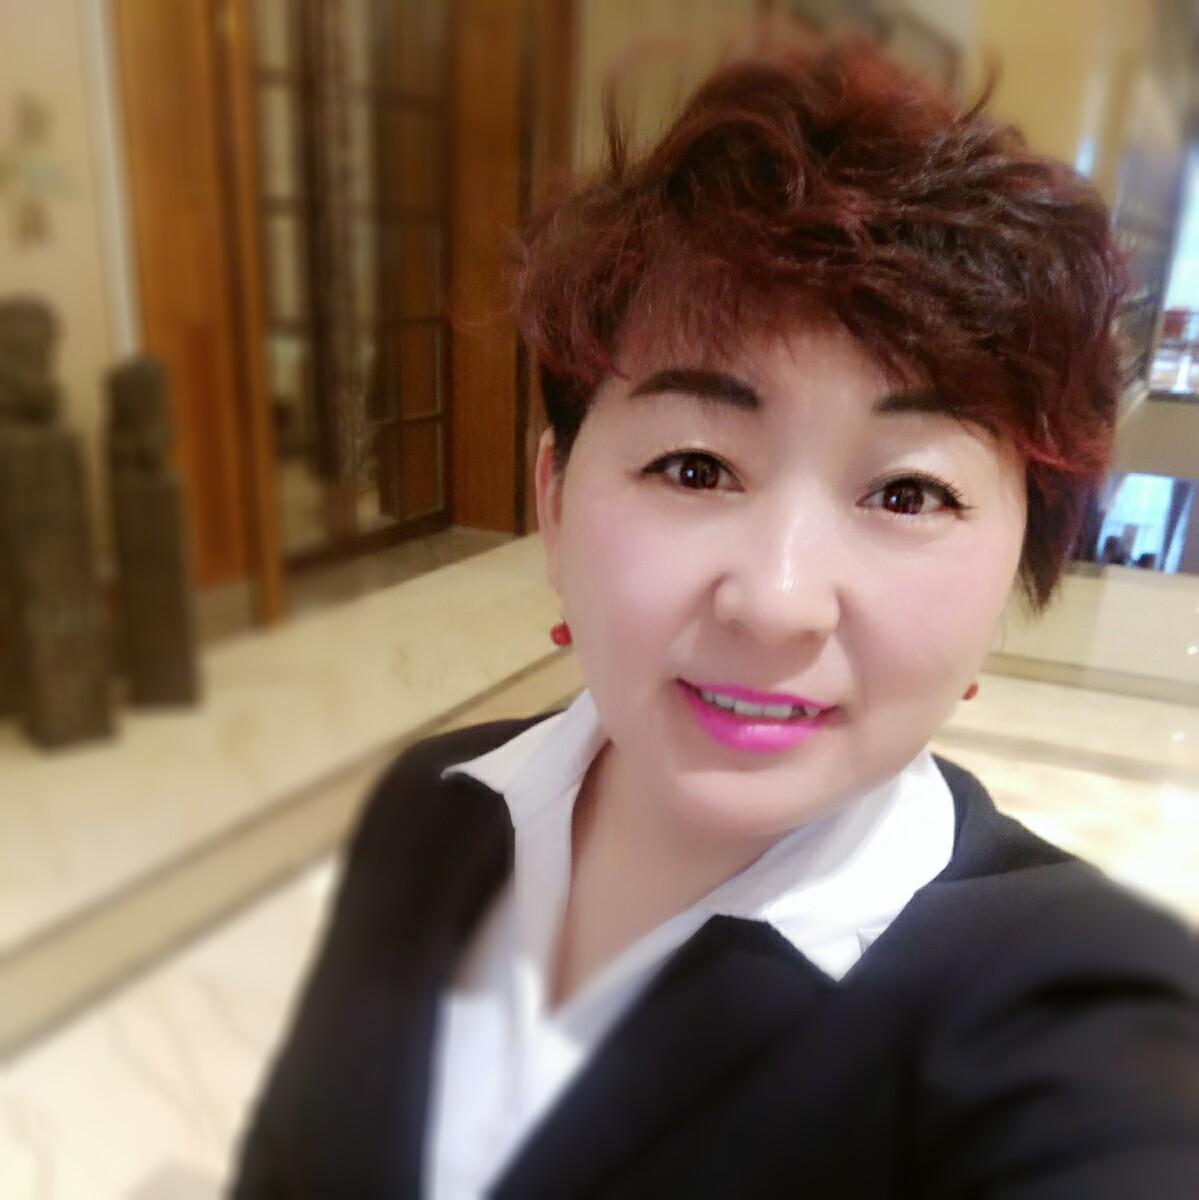 山东泰安华夏人寿保险股份有限公司保险代理人韩静